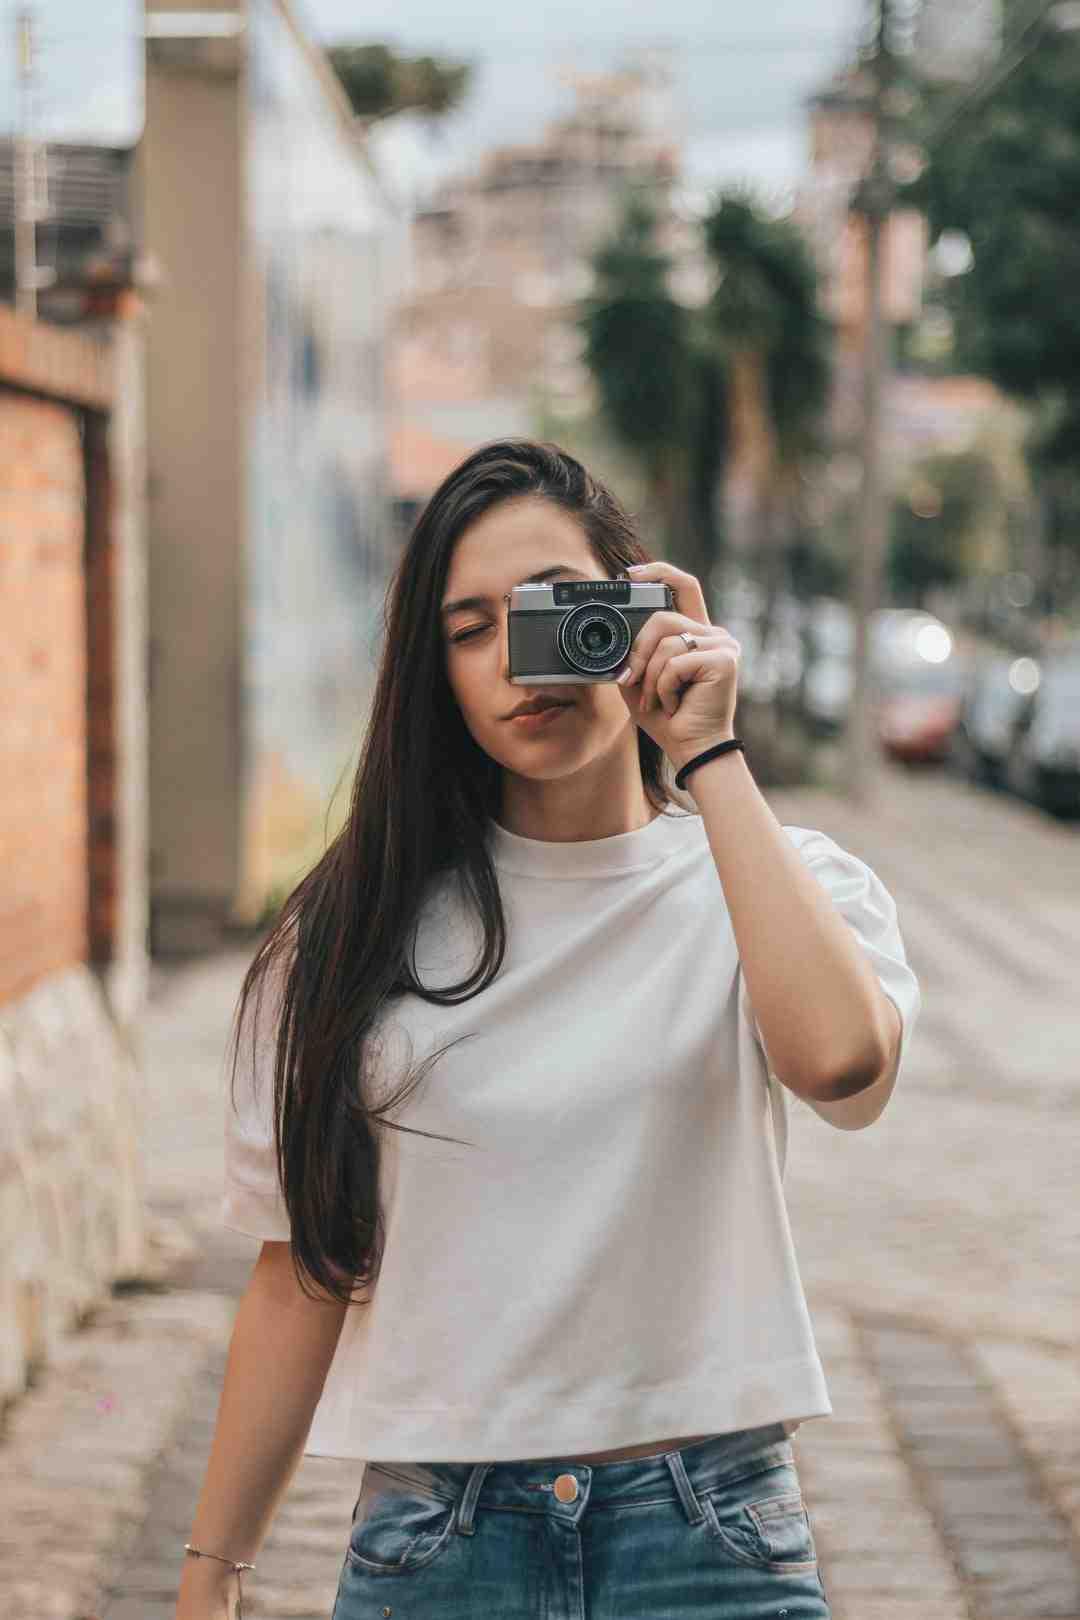 Comment faire un montage photo avec de la musique?